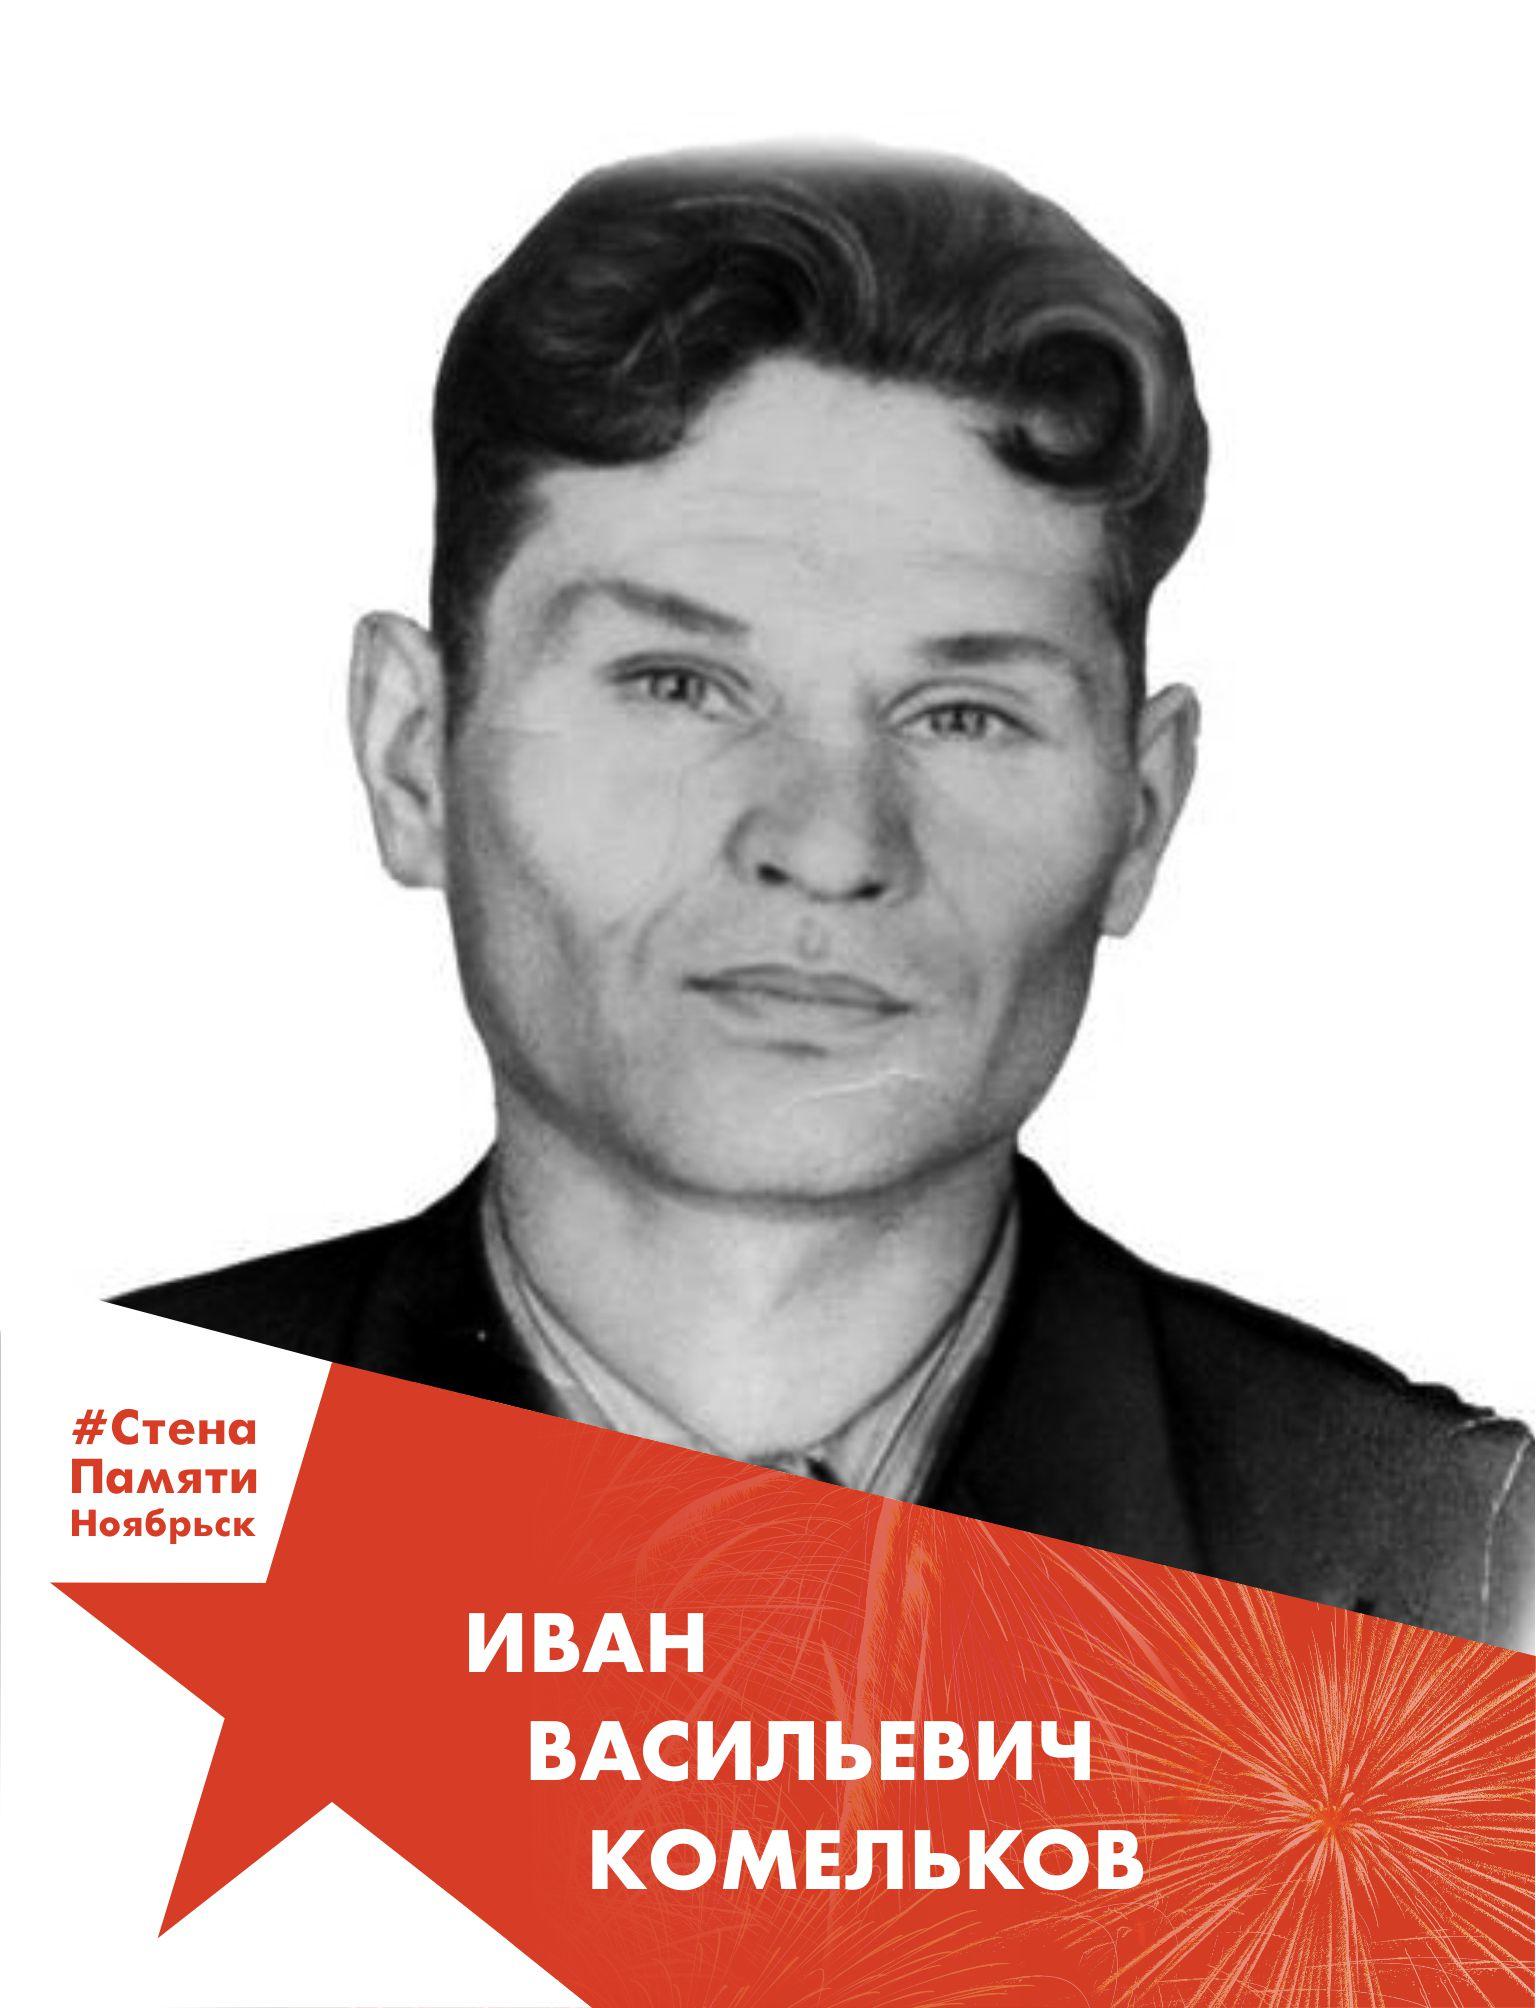 Иван Васильевич Комельков